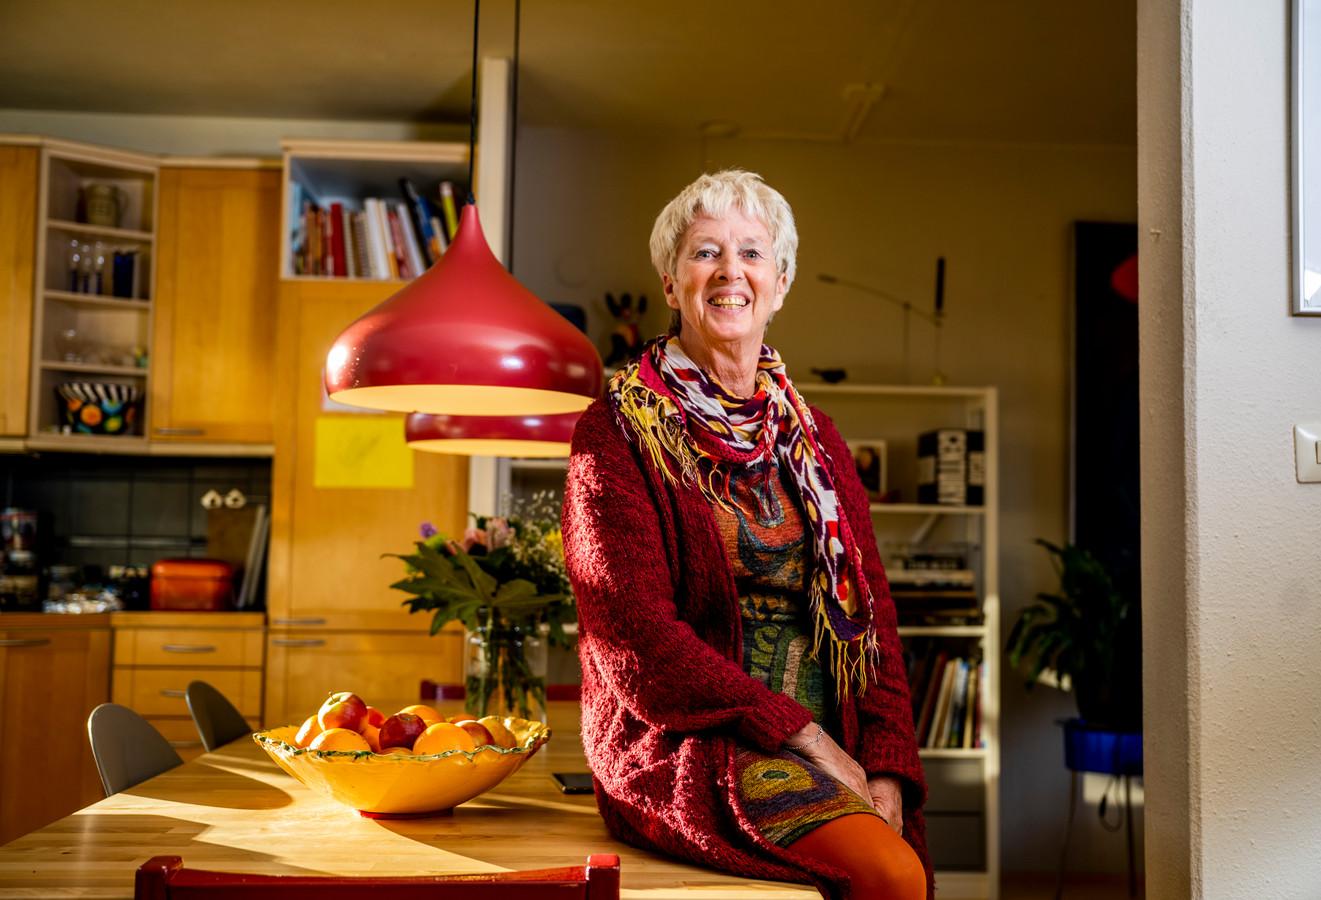 Yolande de Gorter uit Krimpen aan den IJssel maakt zich hard voor een Knarrenhof in haar gemeente. Foto: Frank de Roo